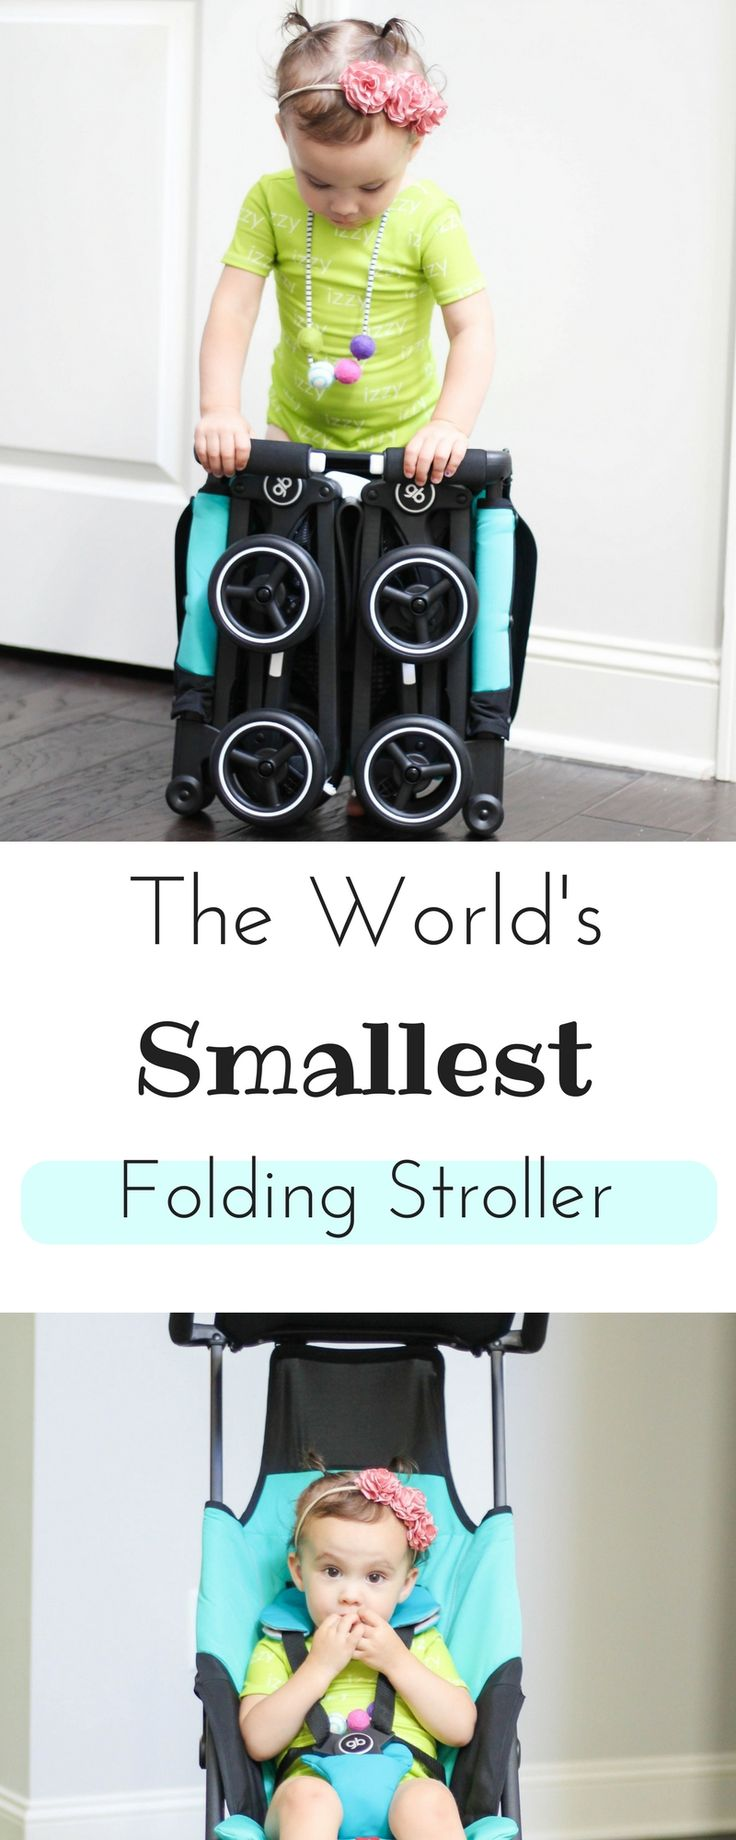 The world's smallest folding stroller | Umbrella Stroller | Toddler | baby | baby shower | Must haves for moms | New mom must have | Best stroller | Best travel stroller | busy little izzy blog #partner